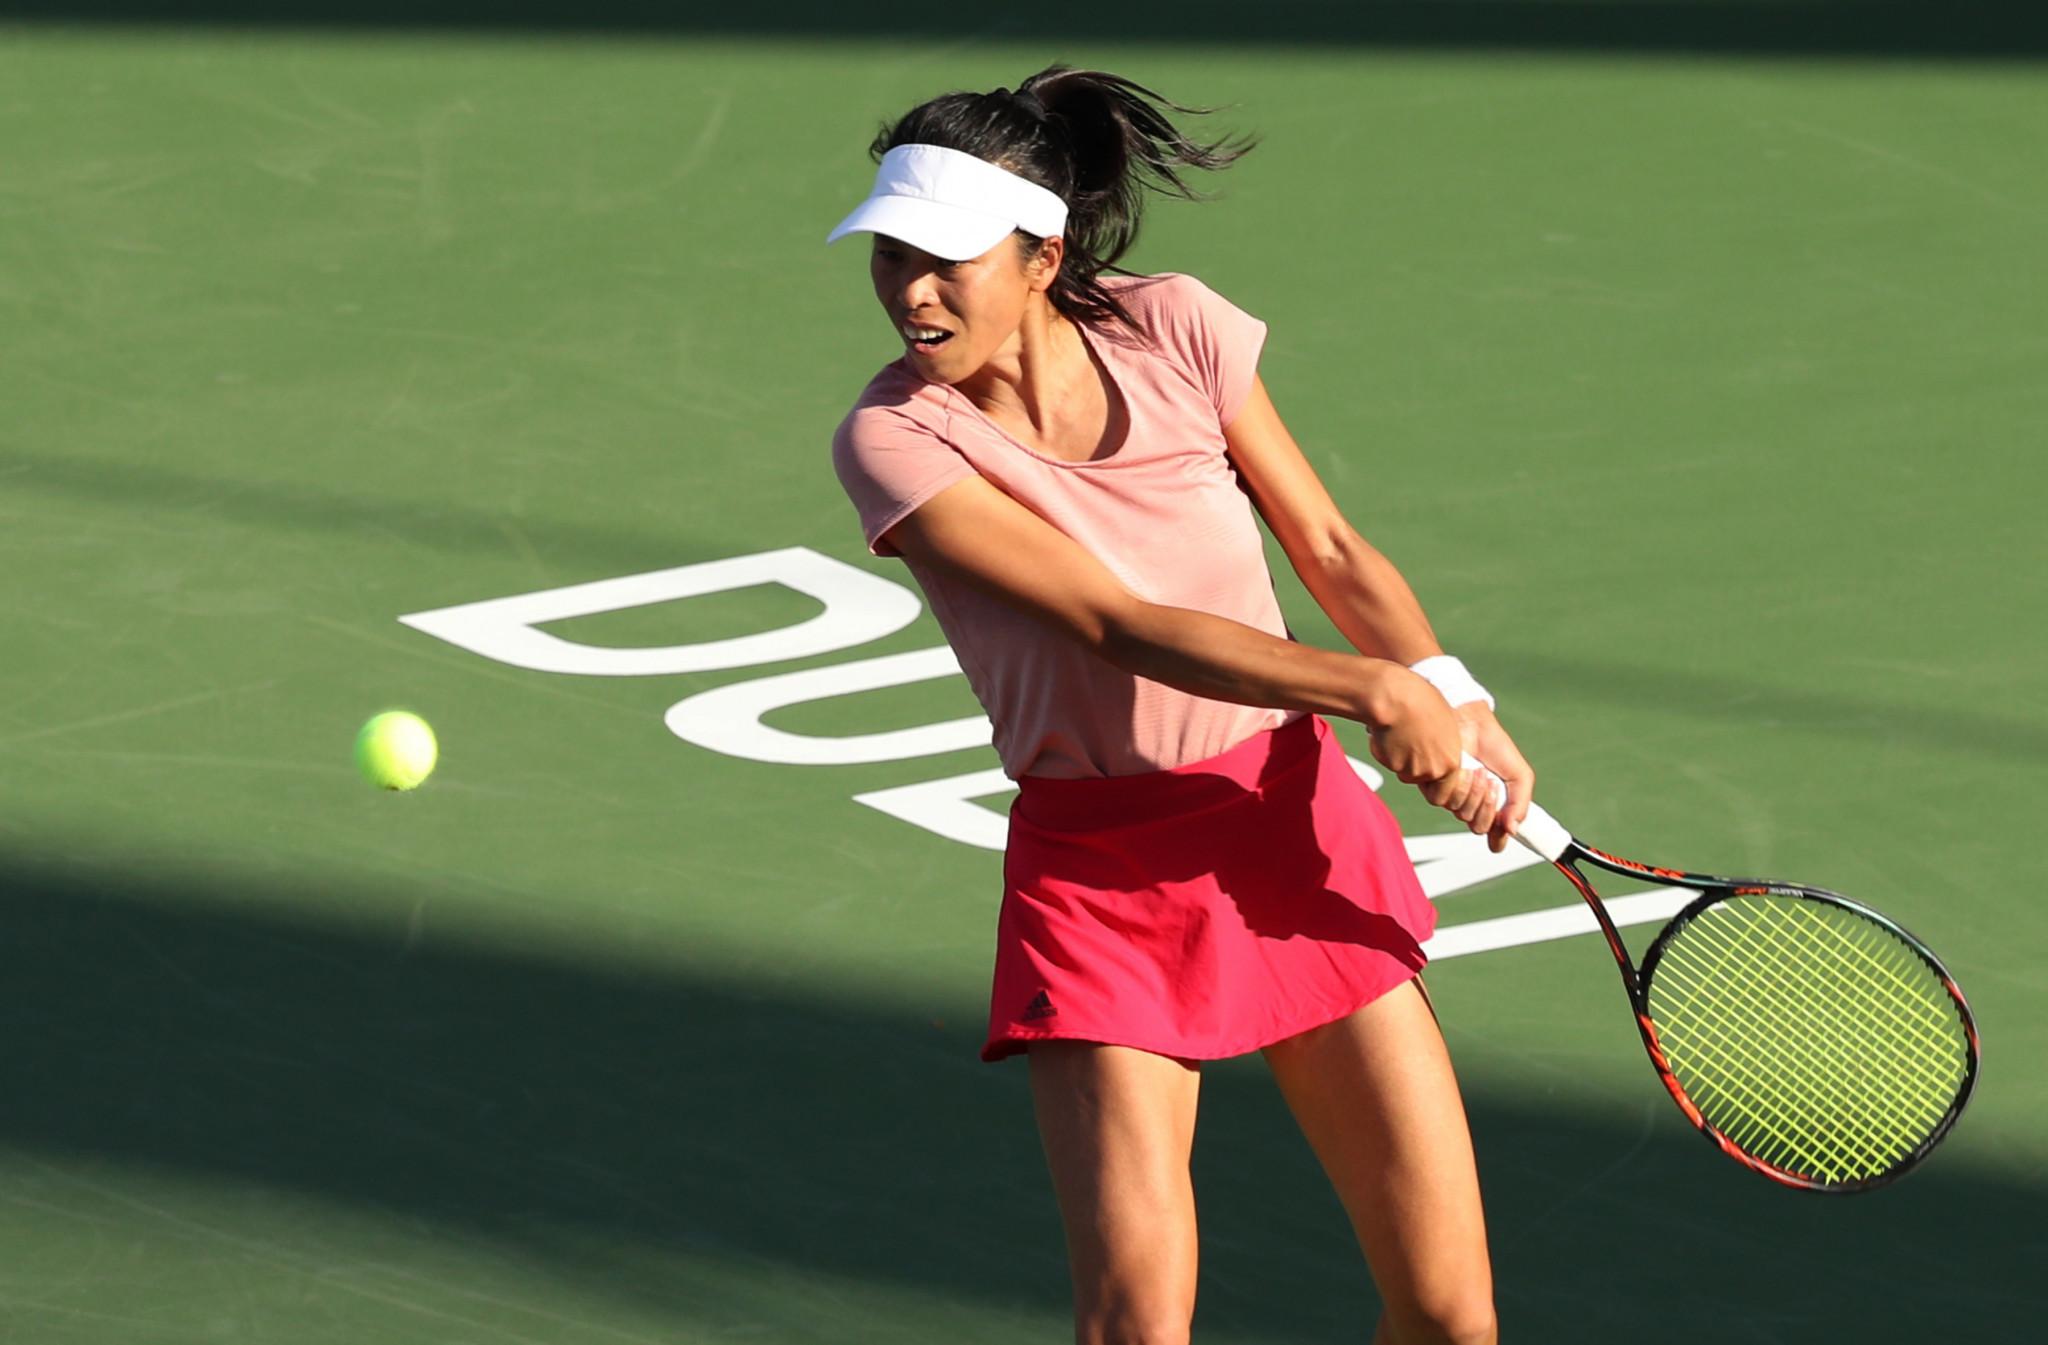 Hsieh continues superb run to reach semi-finals at Dubai Tennis Championships